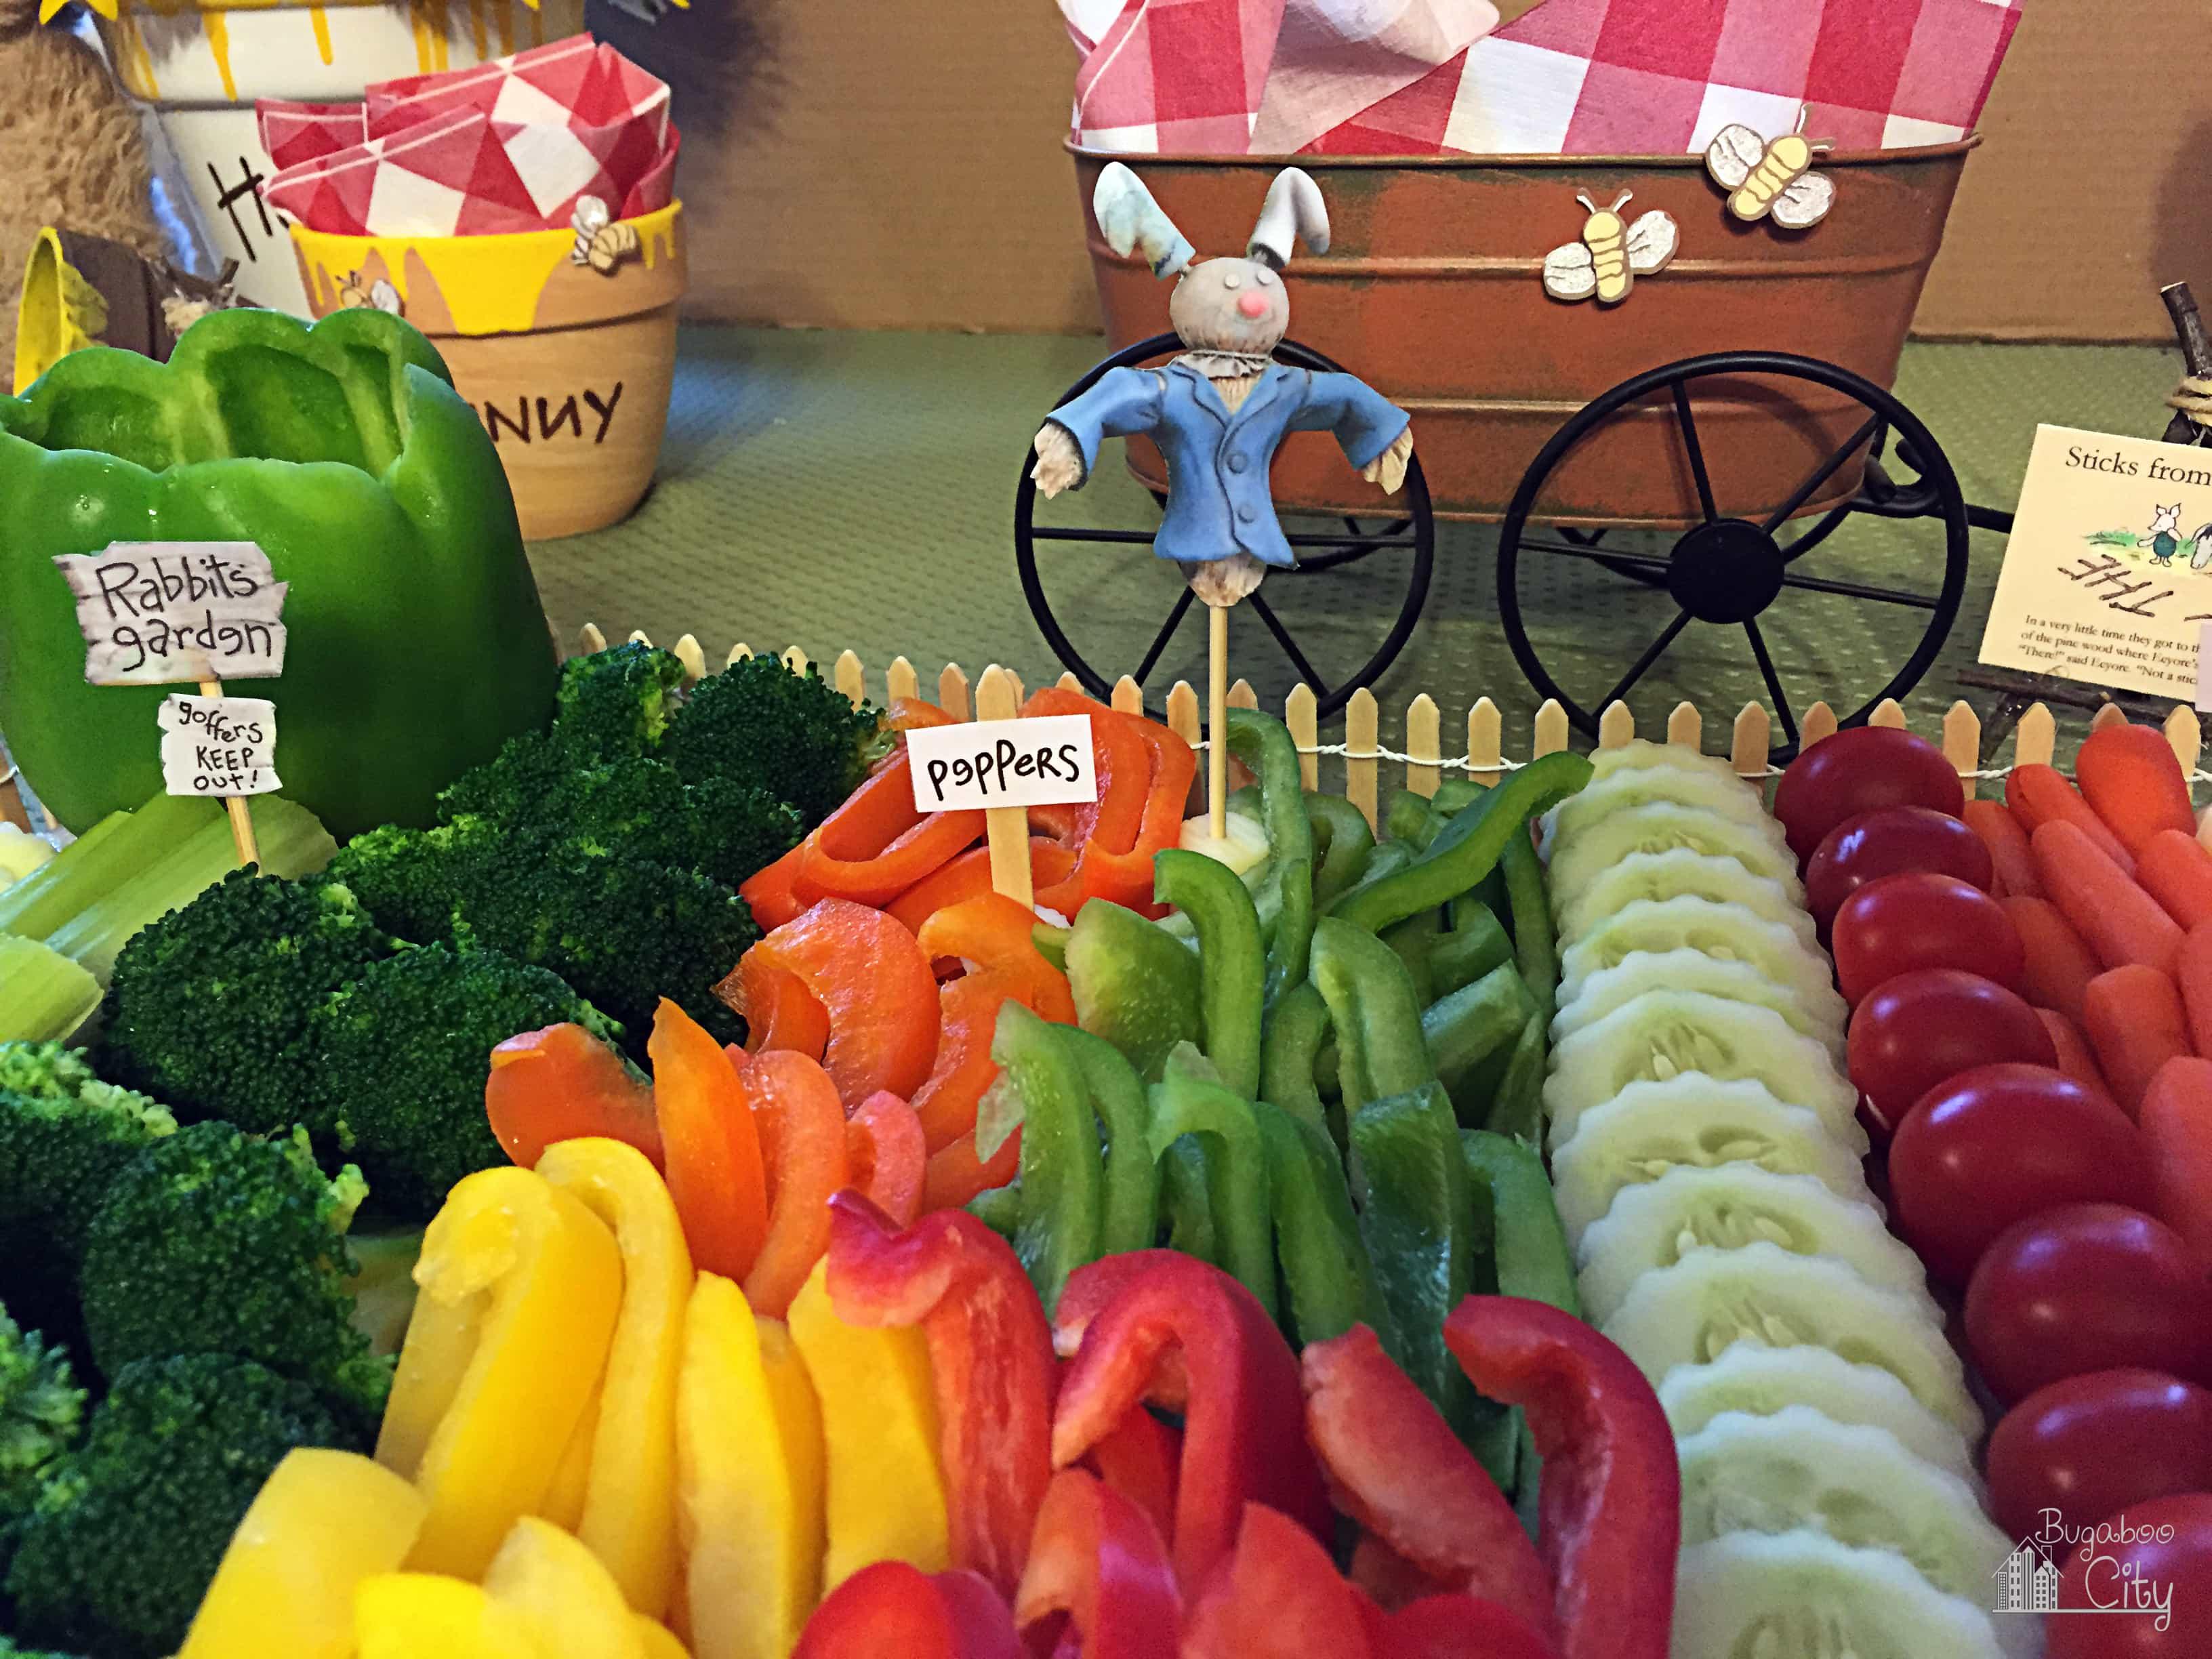 Garden-Themed Vegetable Platter